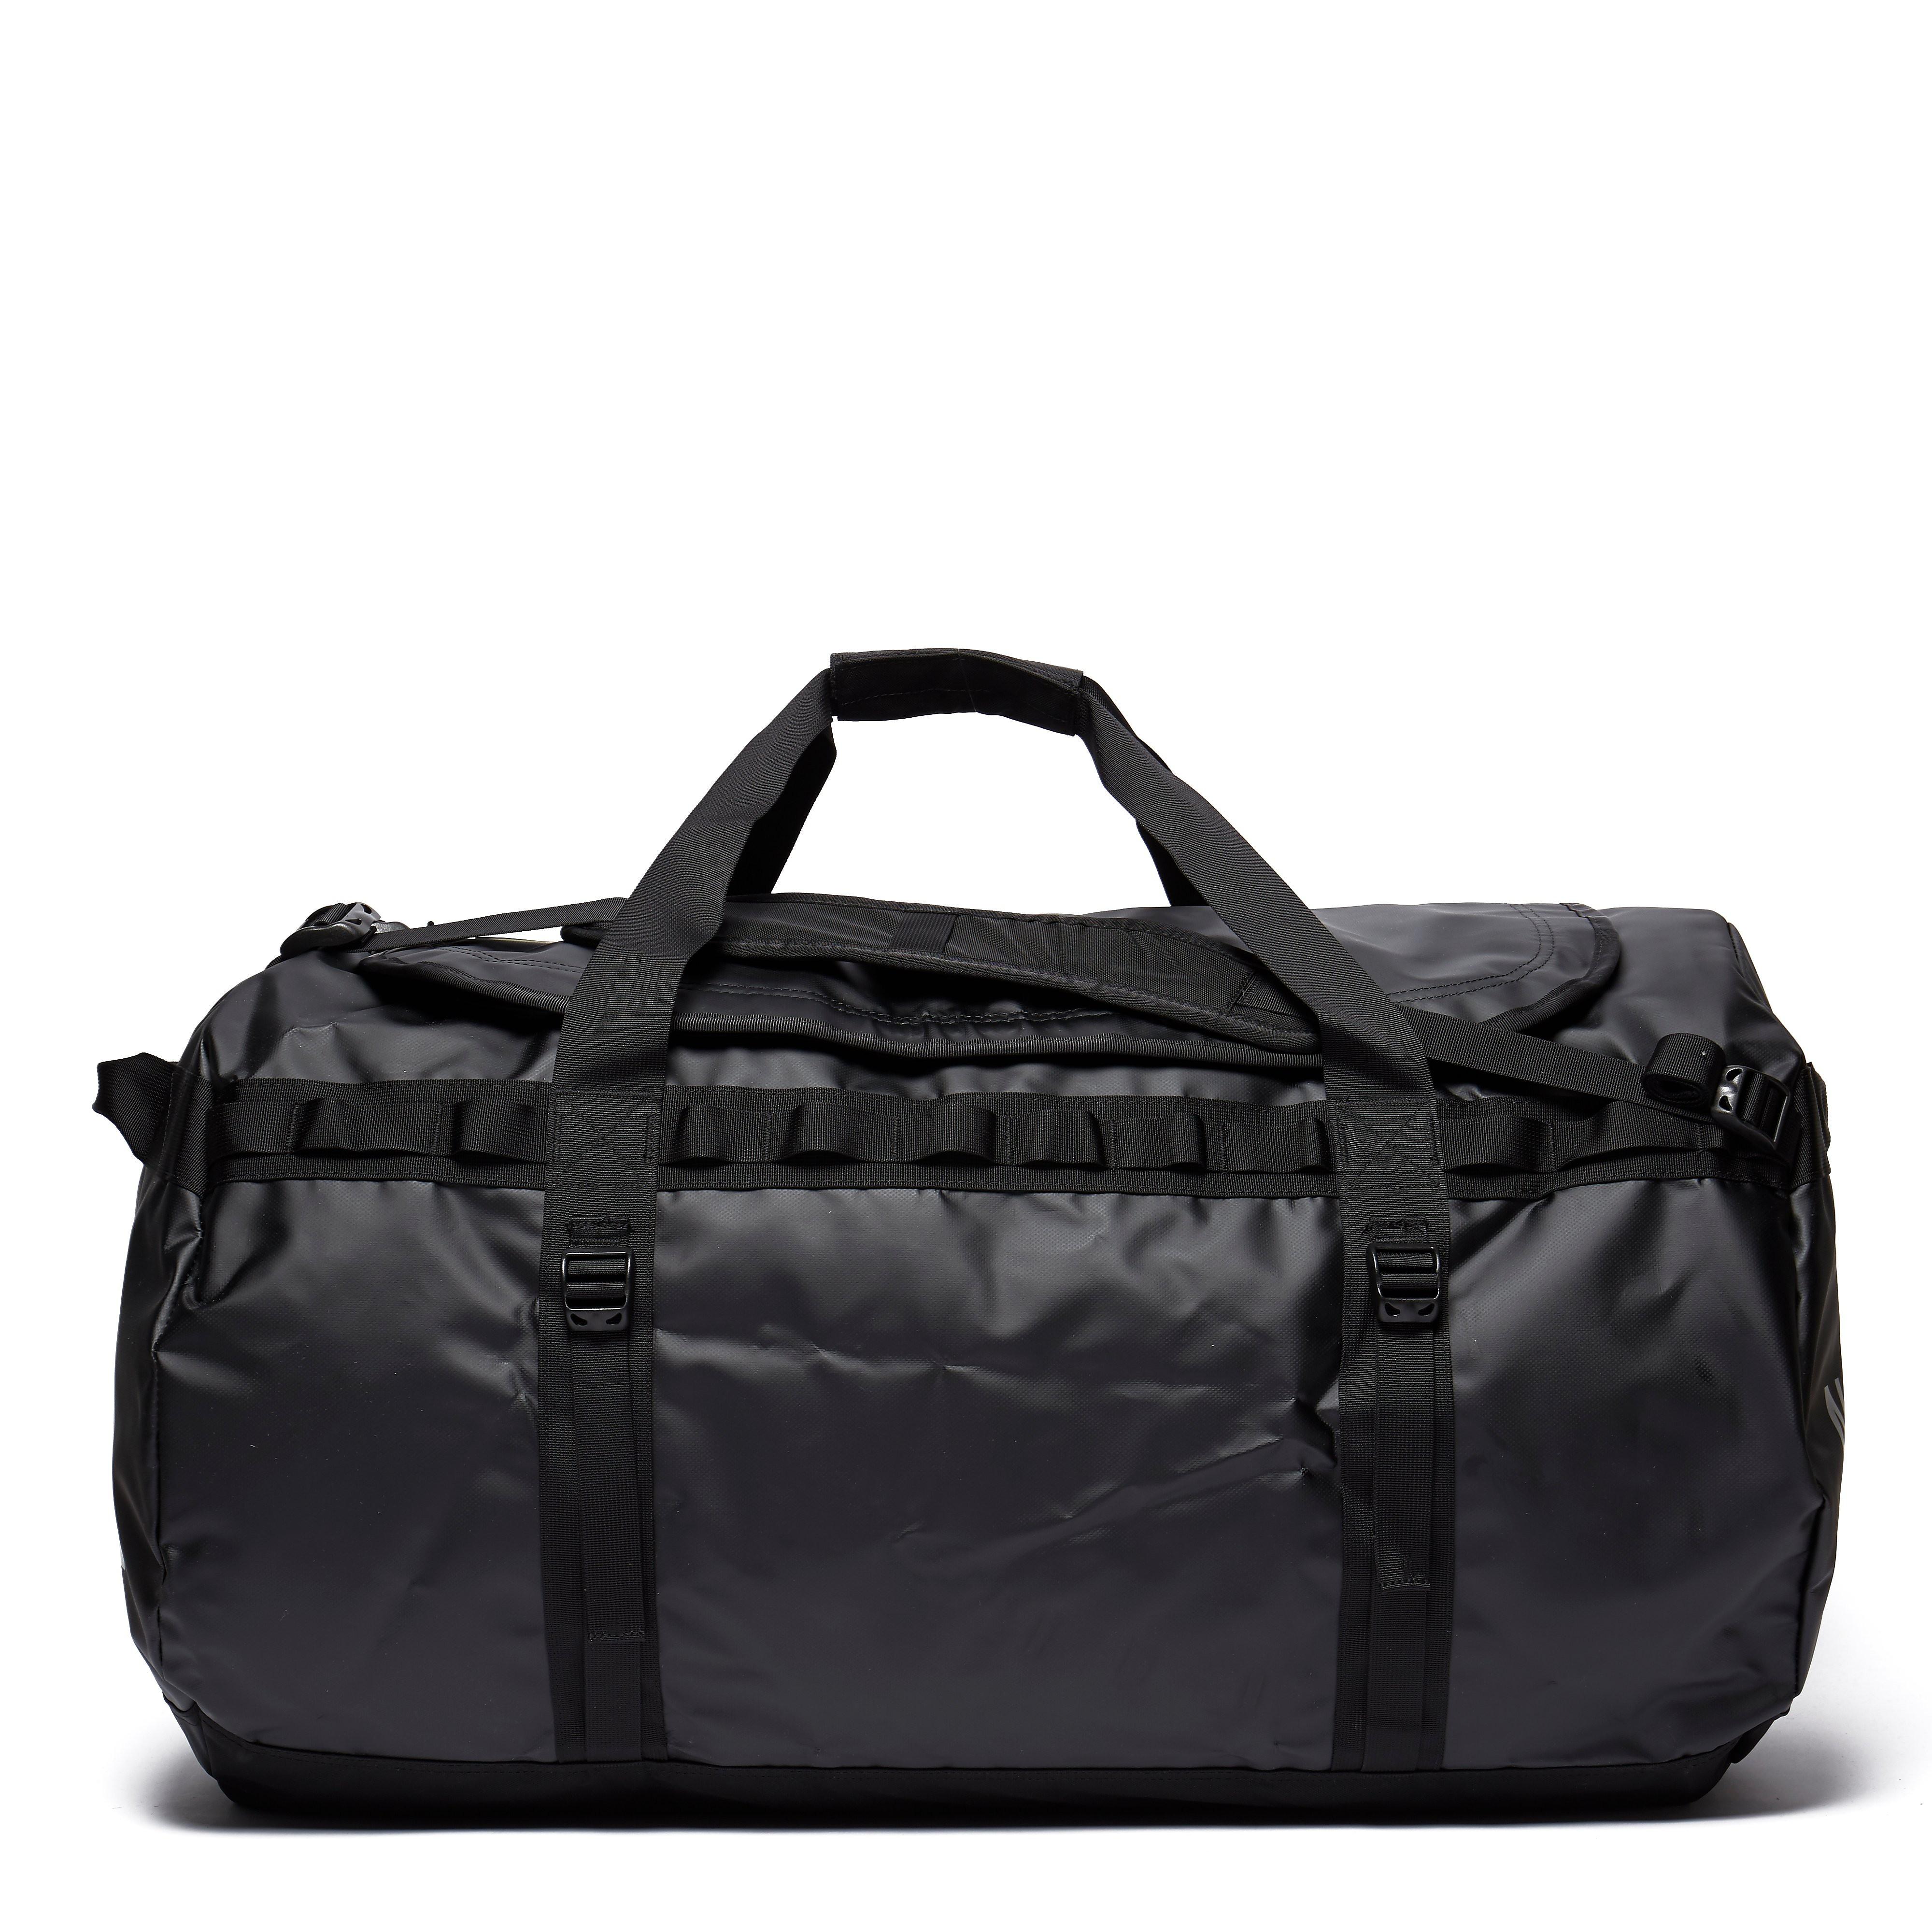 The North Face Basecamp 132L XL Duffel Bag